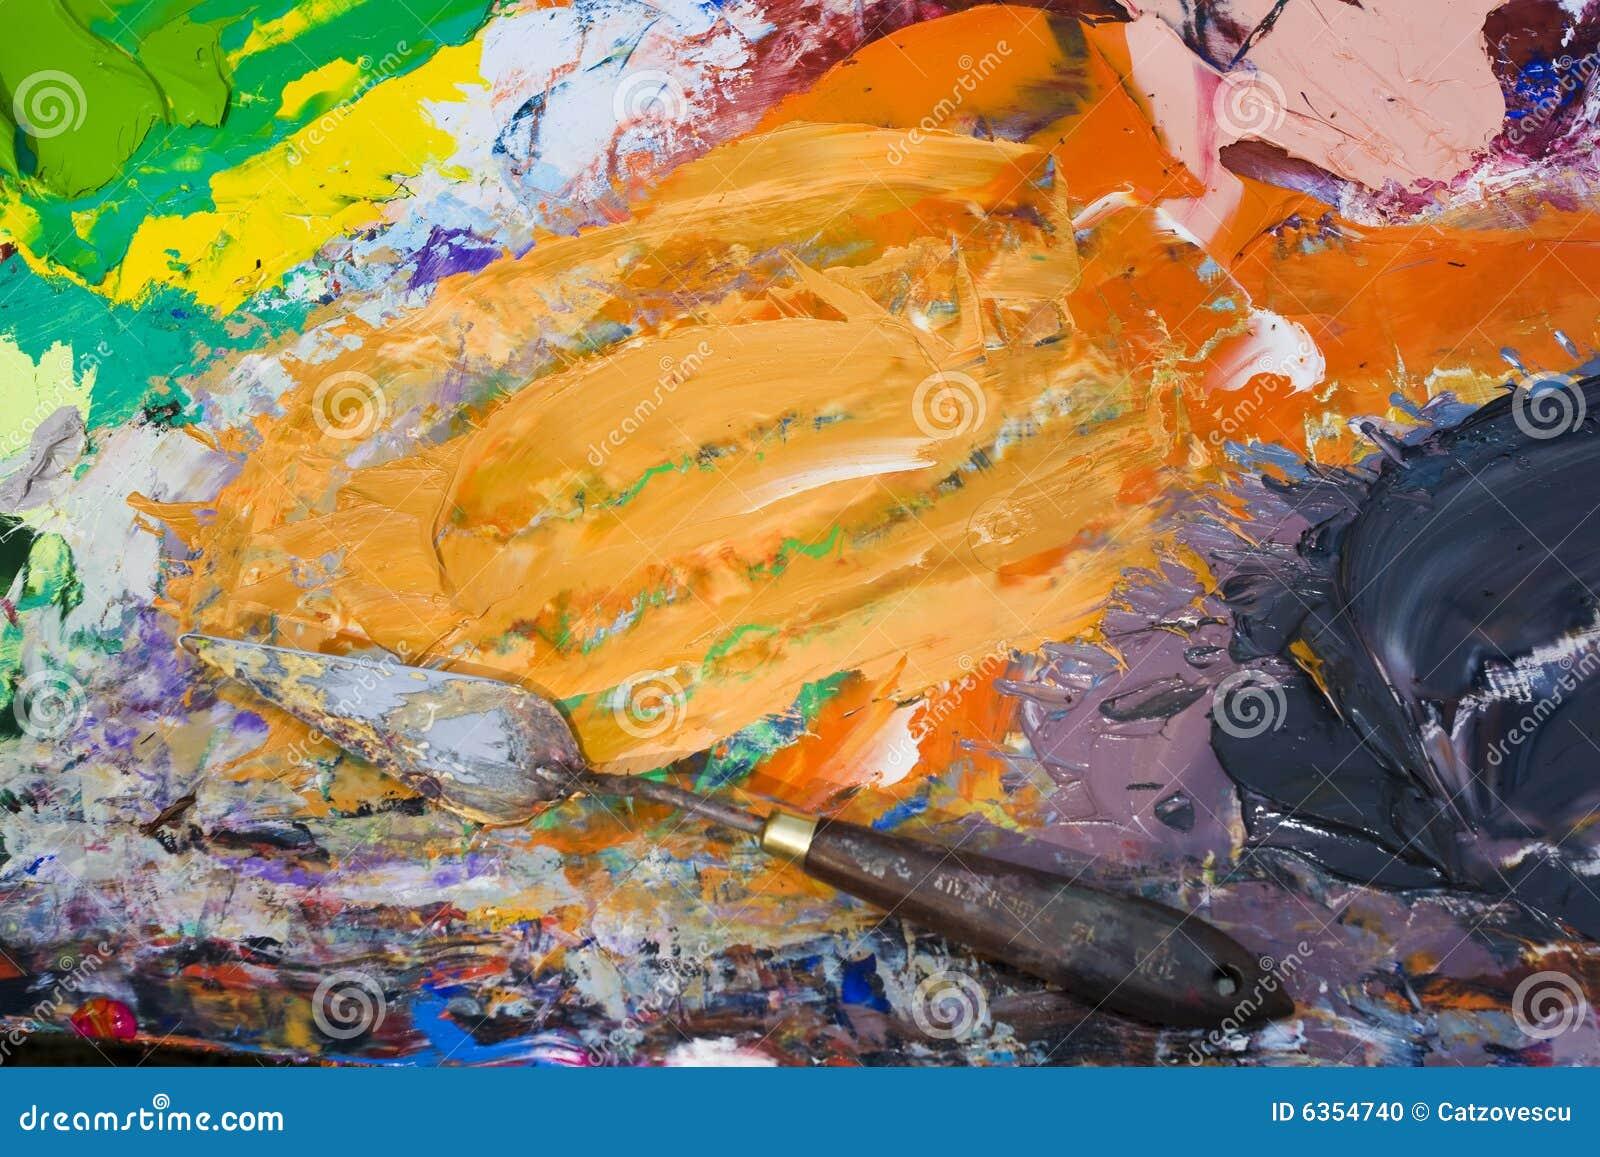 Outil m lang de couleurs l huile et de peinture - Melange de peinture ...